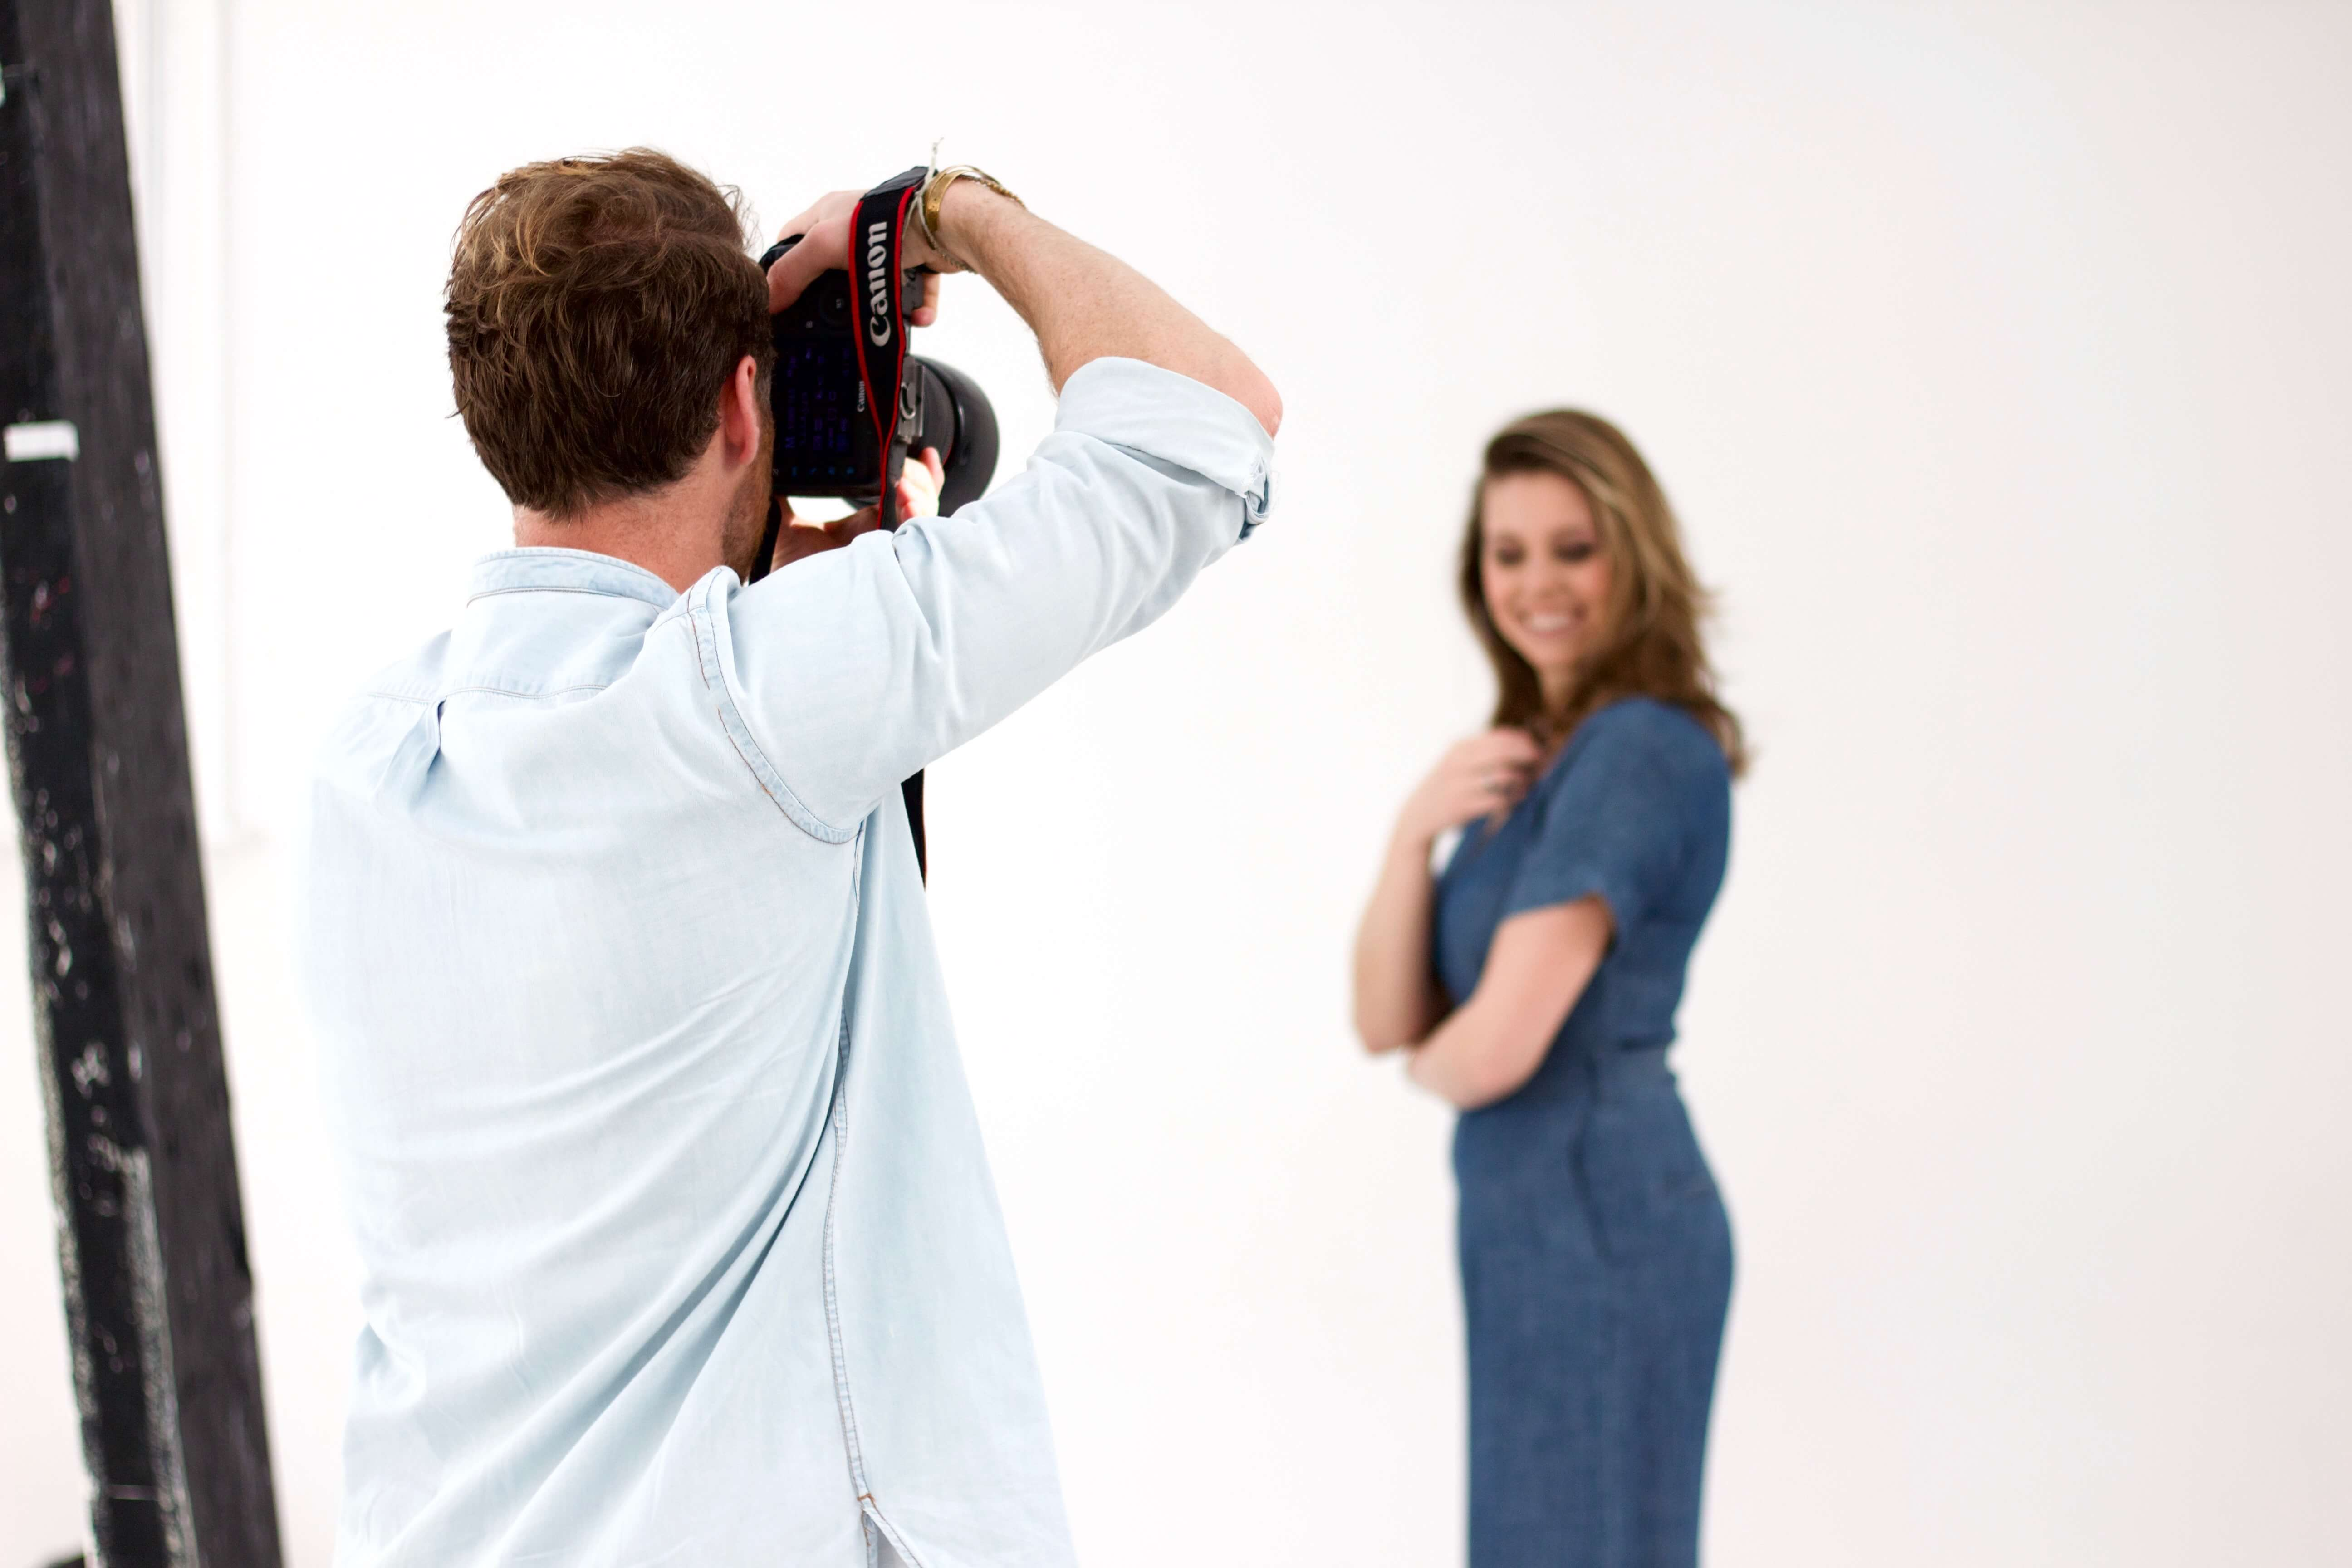 OPROEP: Wie heeft volgens jou 'flair' en verdient een plekje in ons tijdschrift?